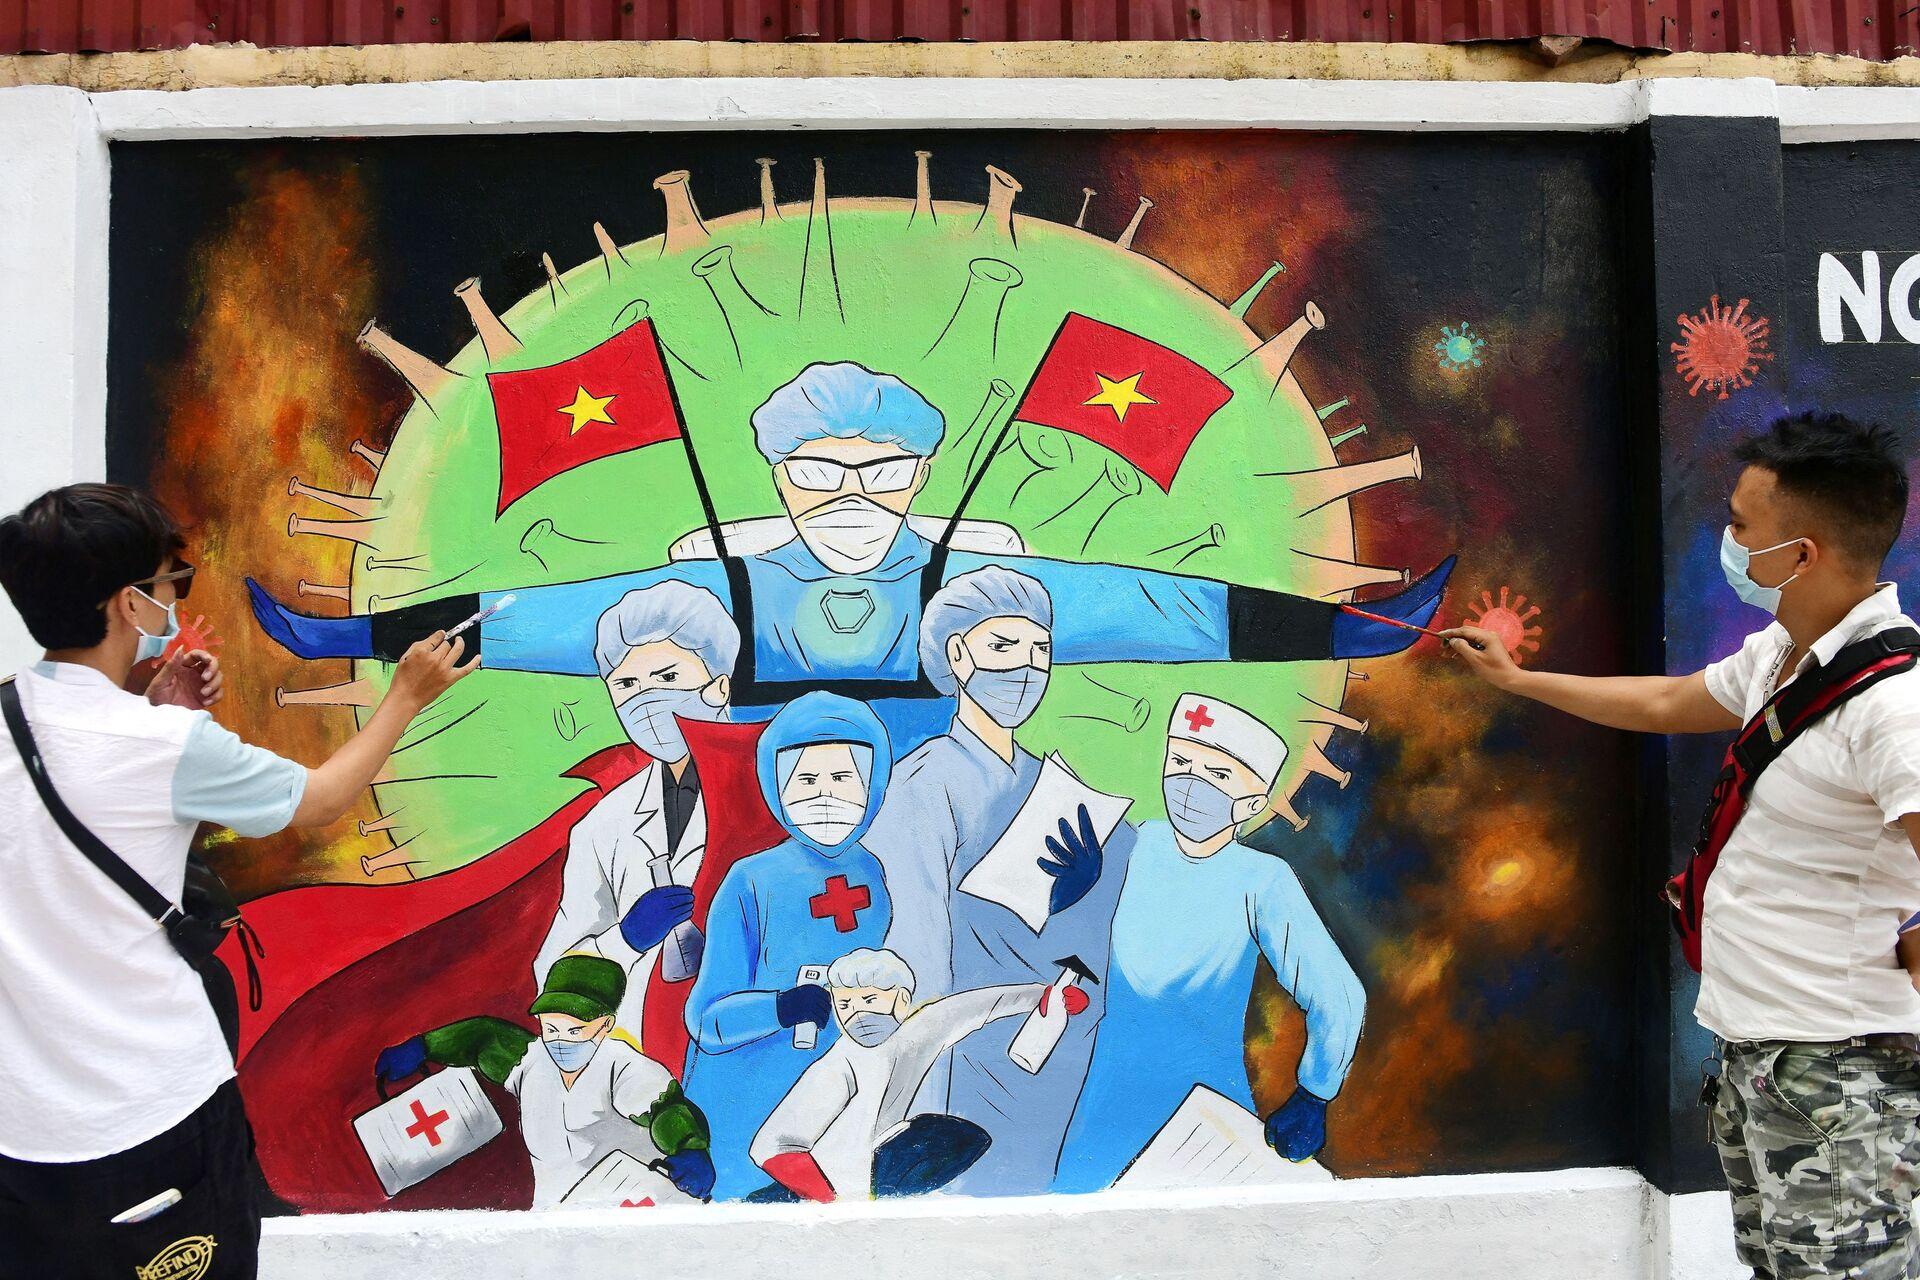 Các nghệ sĩ đường phố vẽ bác sĩ trên tường ngôi nhà ở Hà Nội - Sputnik Việt Nam, 1920, 05.10.2021